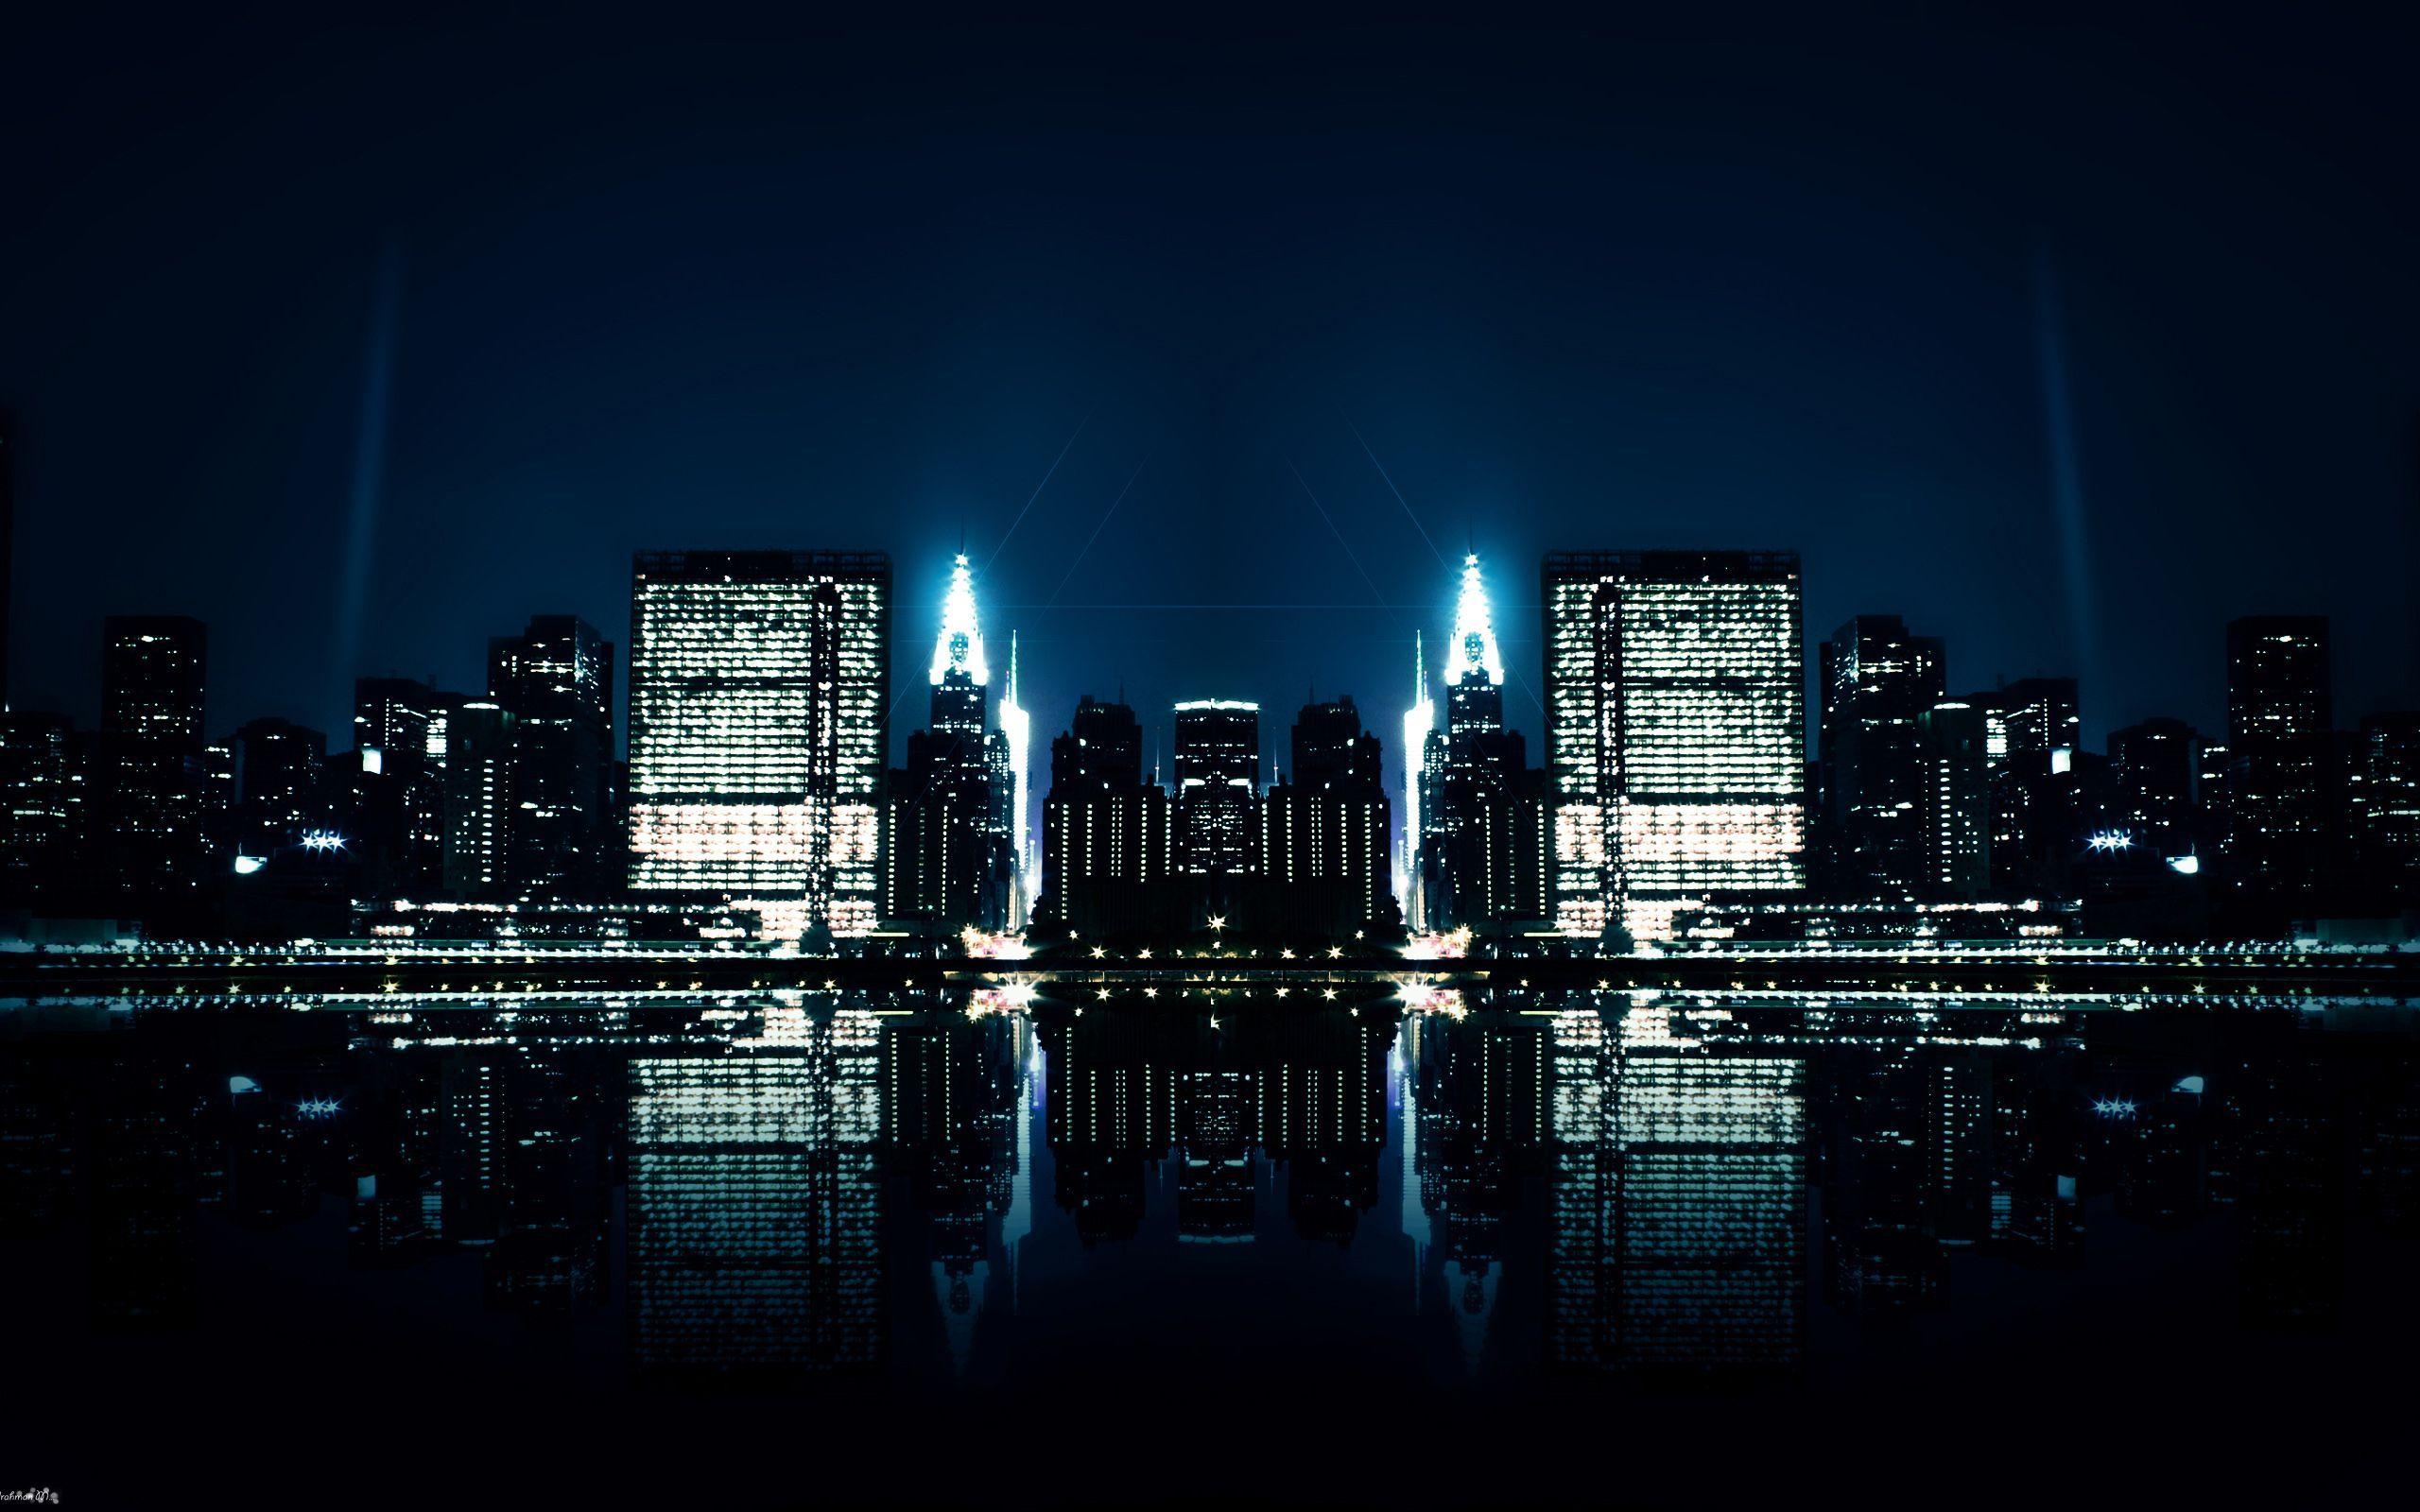 Stunning Night City Images